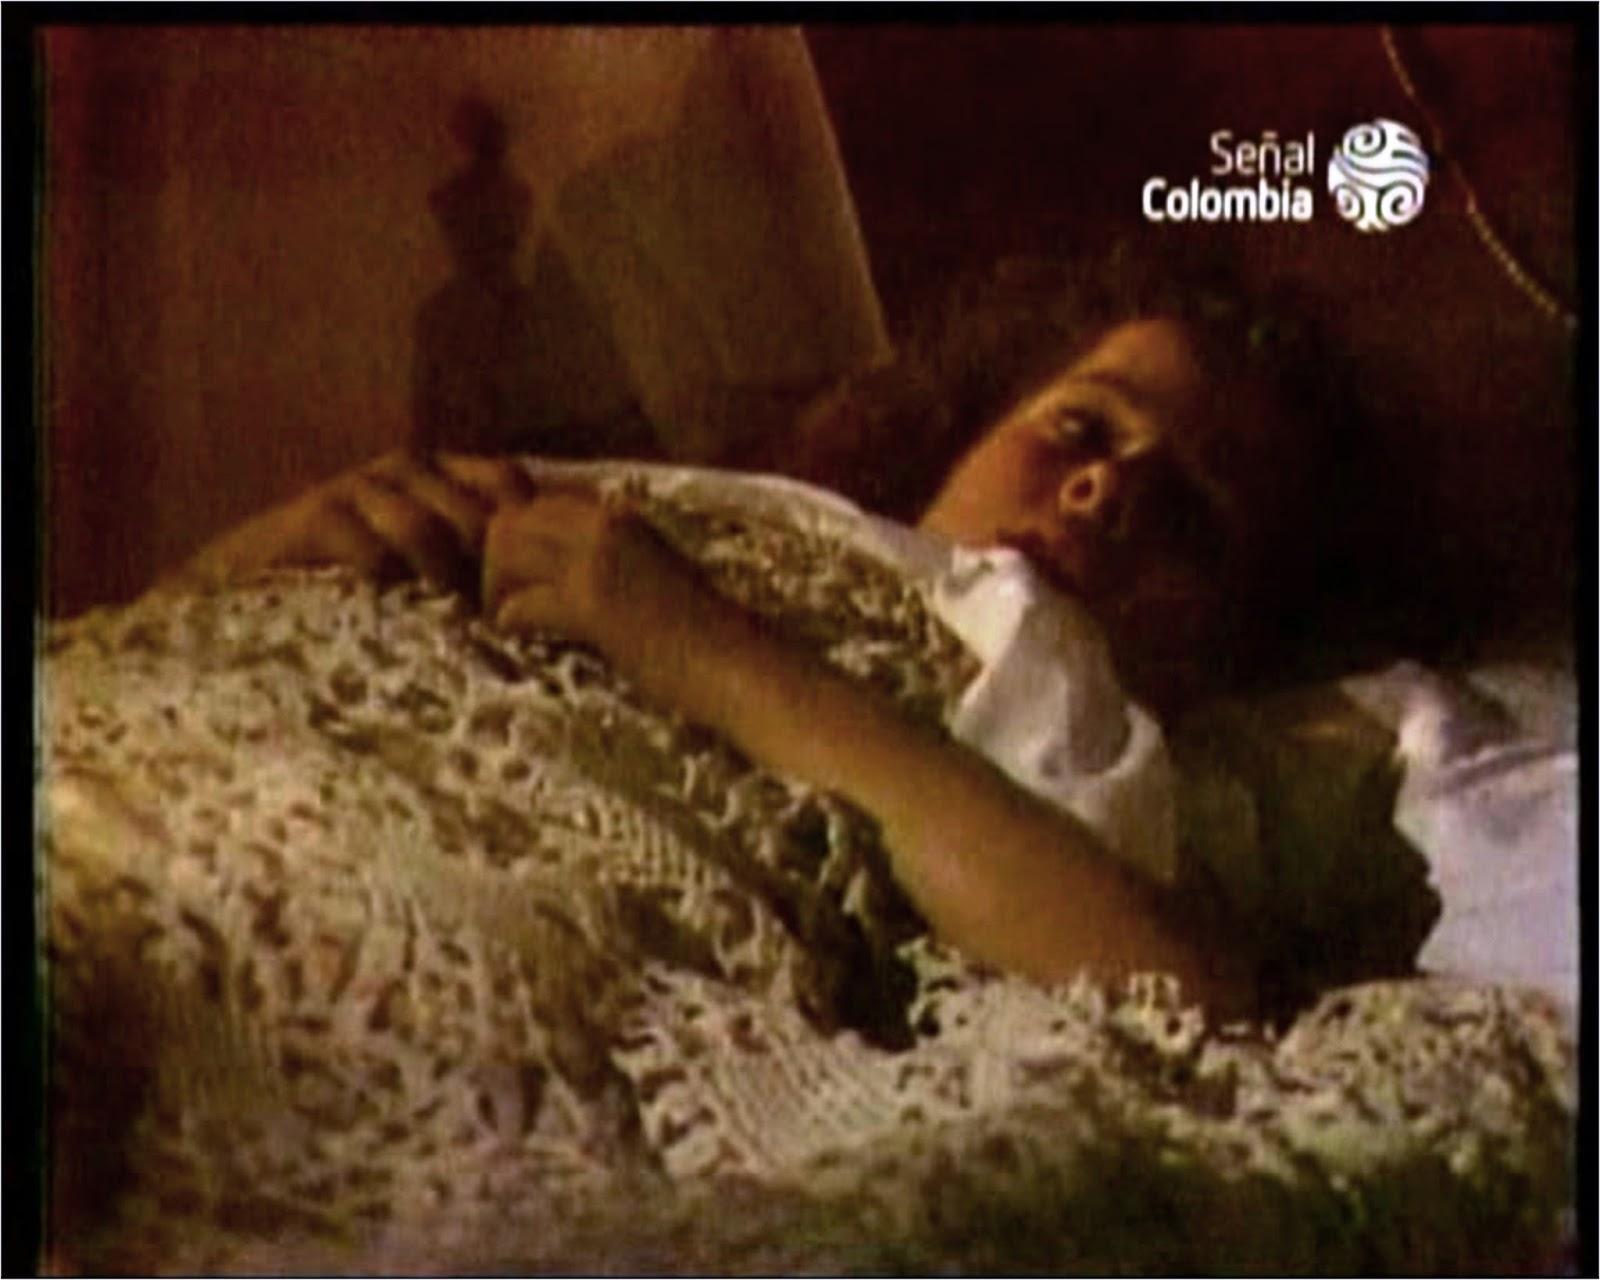 Danna García fotos..La Casa de las dos Palmas 1990 - Página 3 EVANGELINA+(DANNA+GARCIA+NI%C3%91A)+ZZ